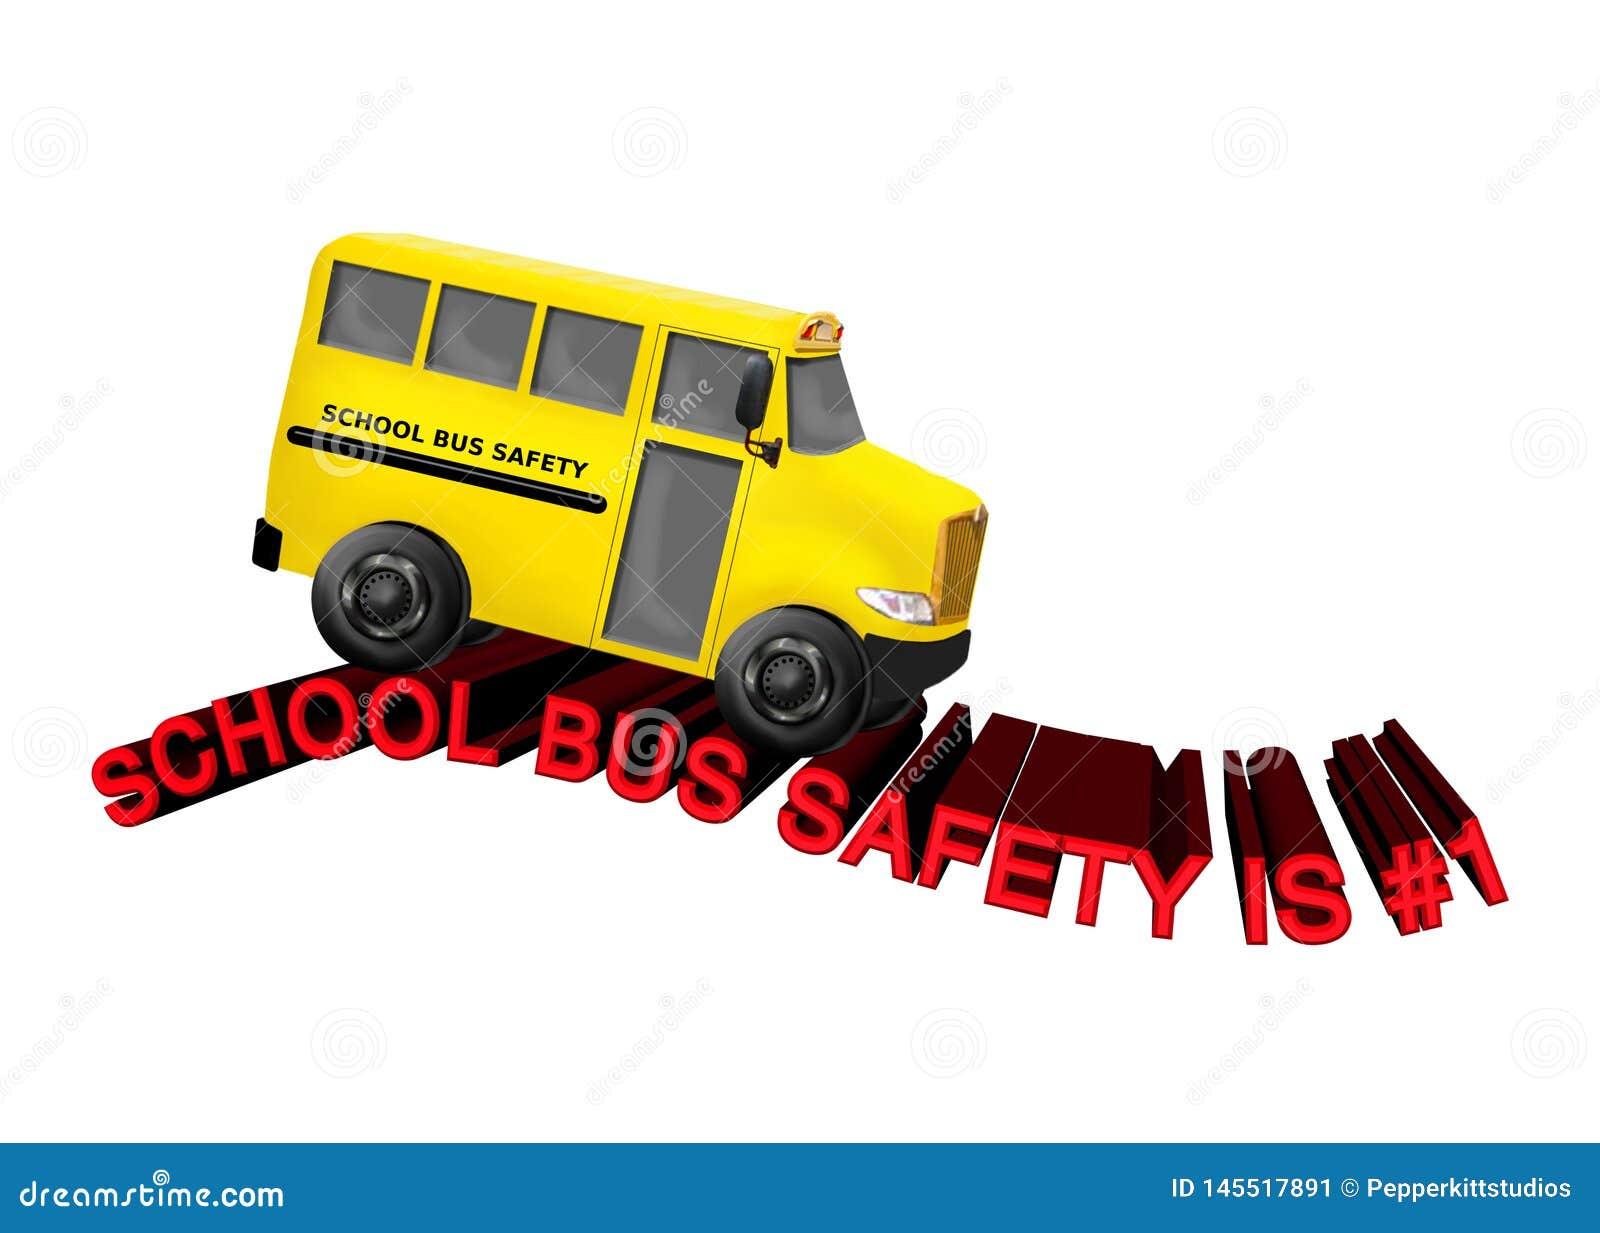 De Veiligheid van de schoolbus is #1 - Gele Busritten op Rode 3D Tekstweg